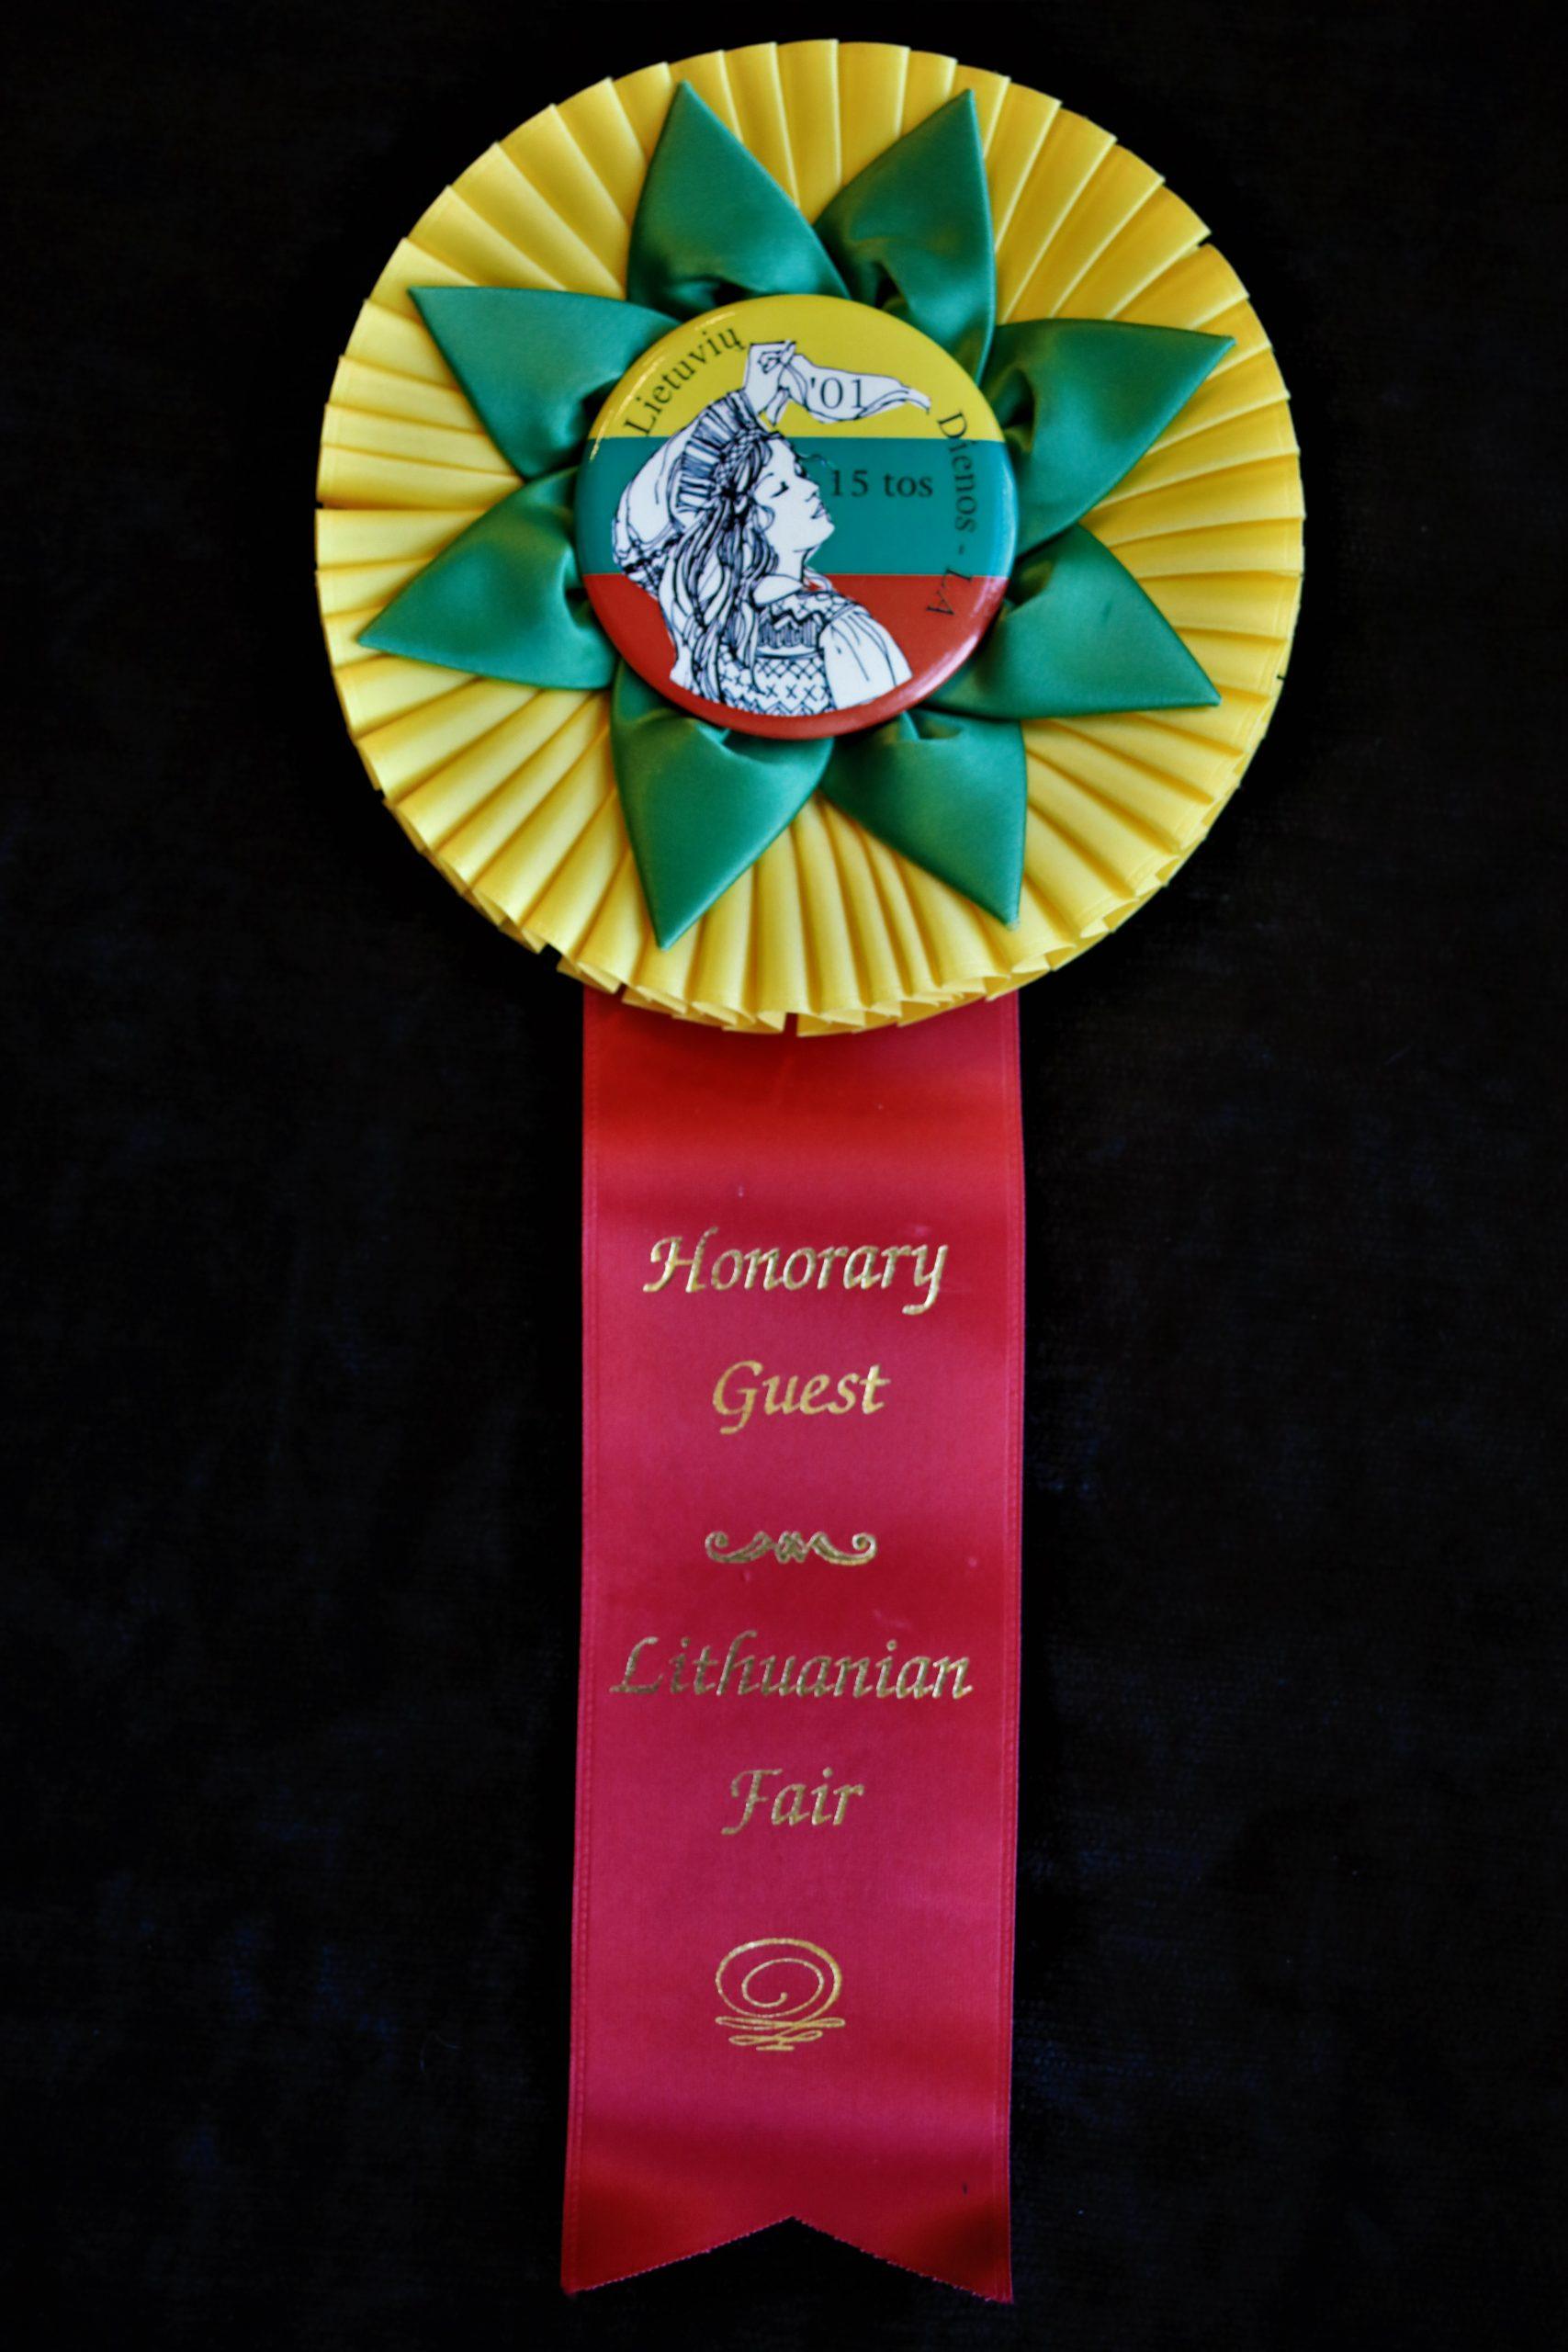 2001 m. Lietuvių Dienų šventės Los Andžele ženklelis